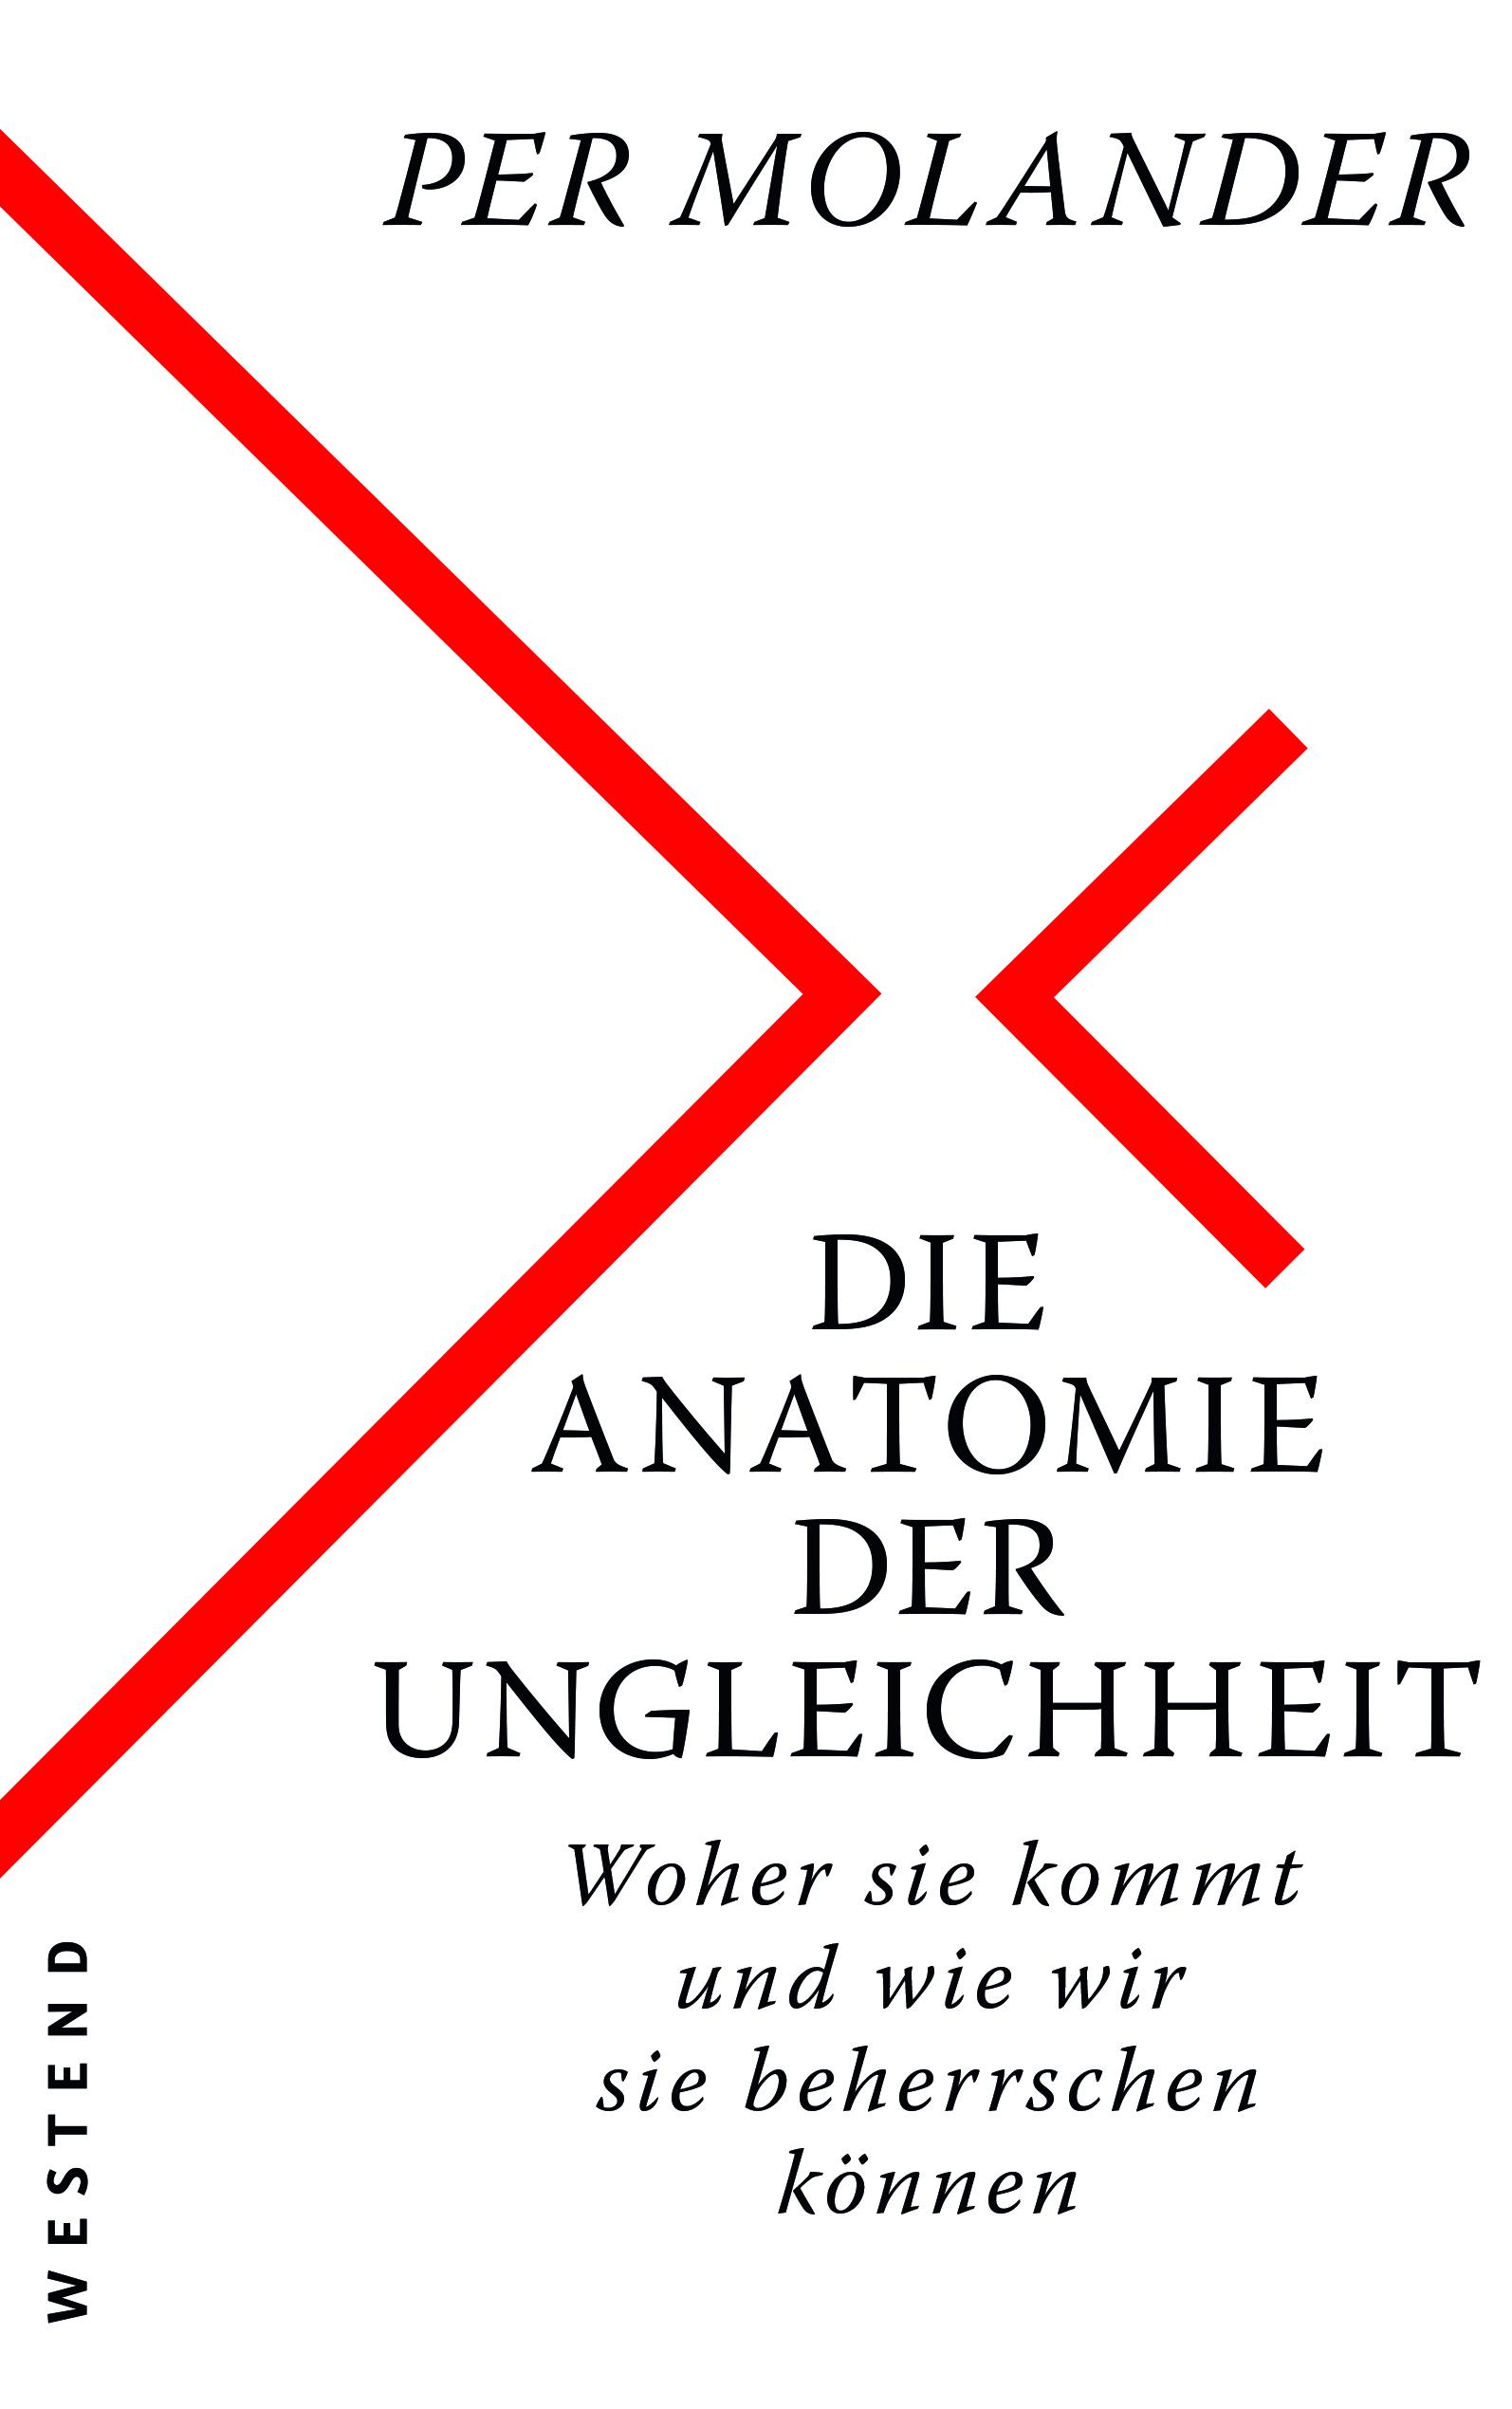 Charmant Anatomie Des Staates Zeitgenössisch - Menschliche Anatomie ...